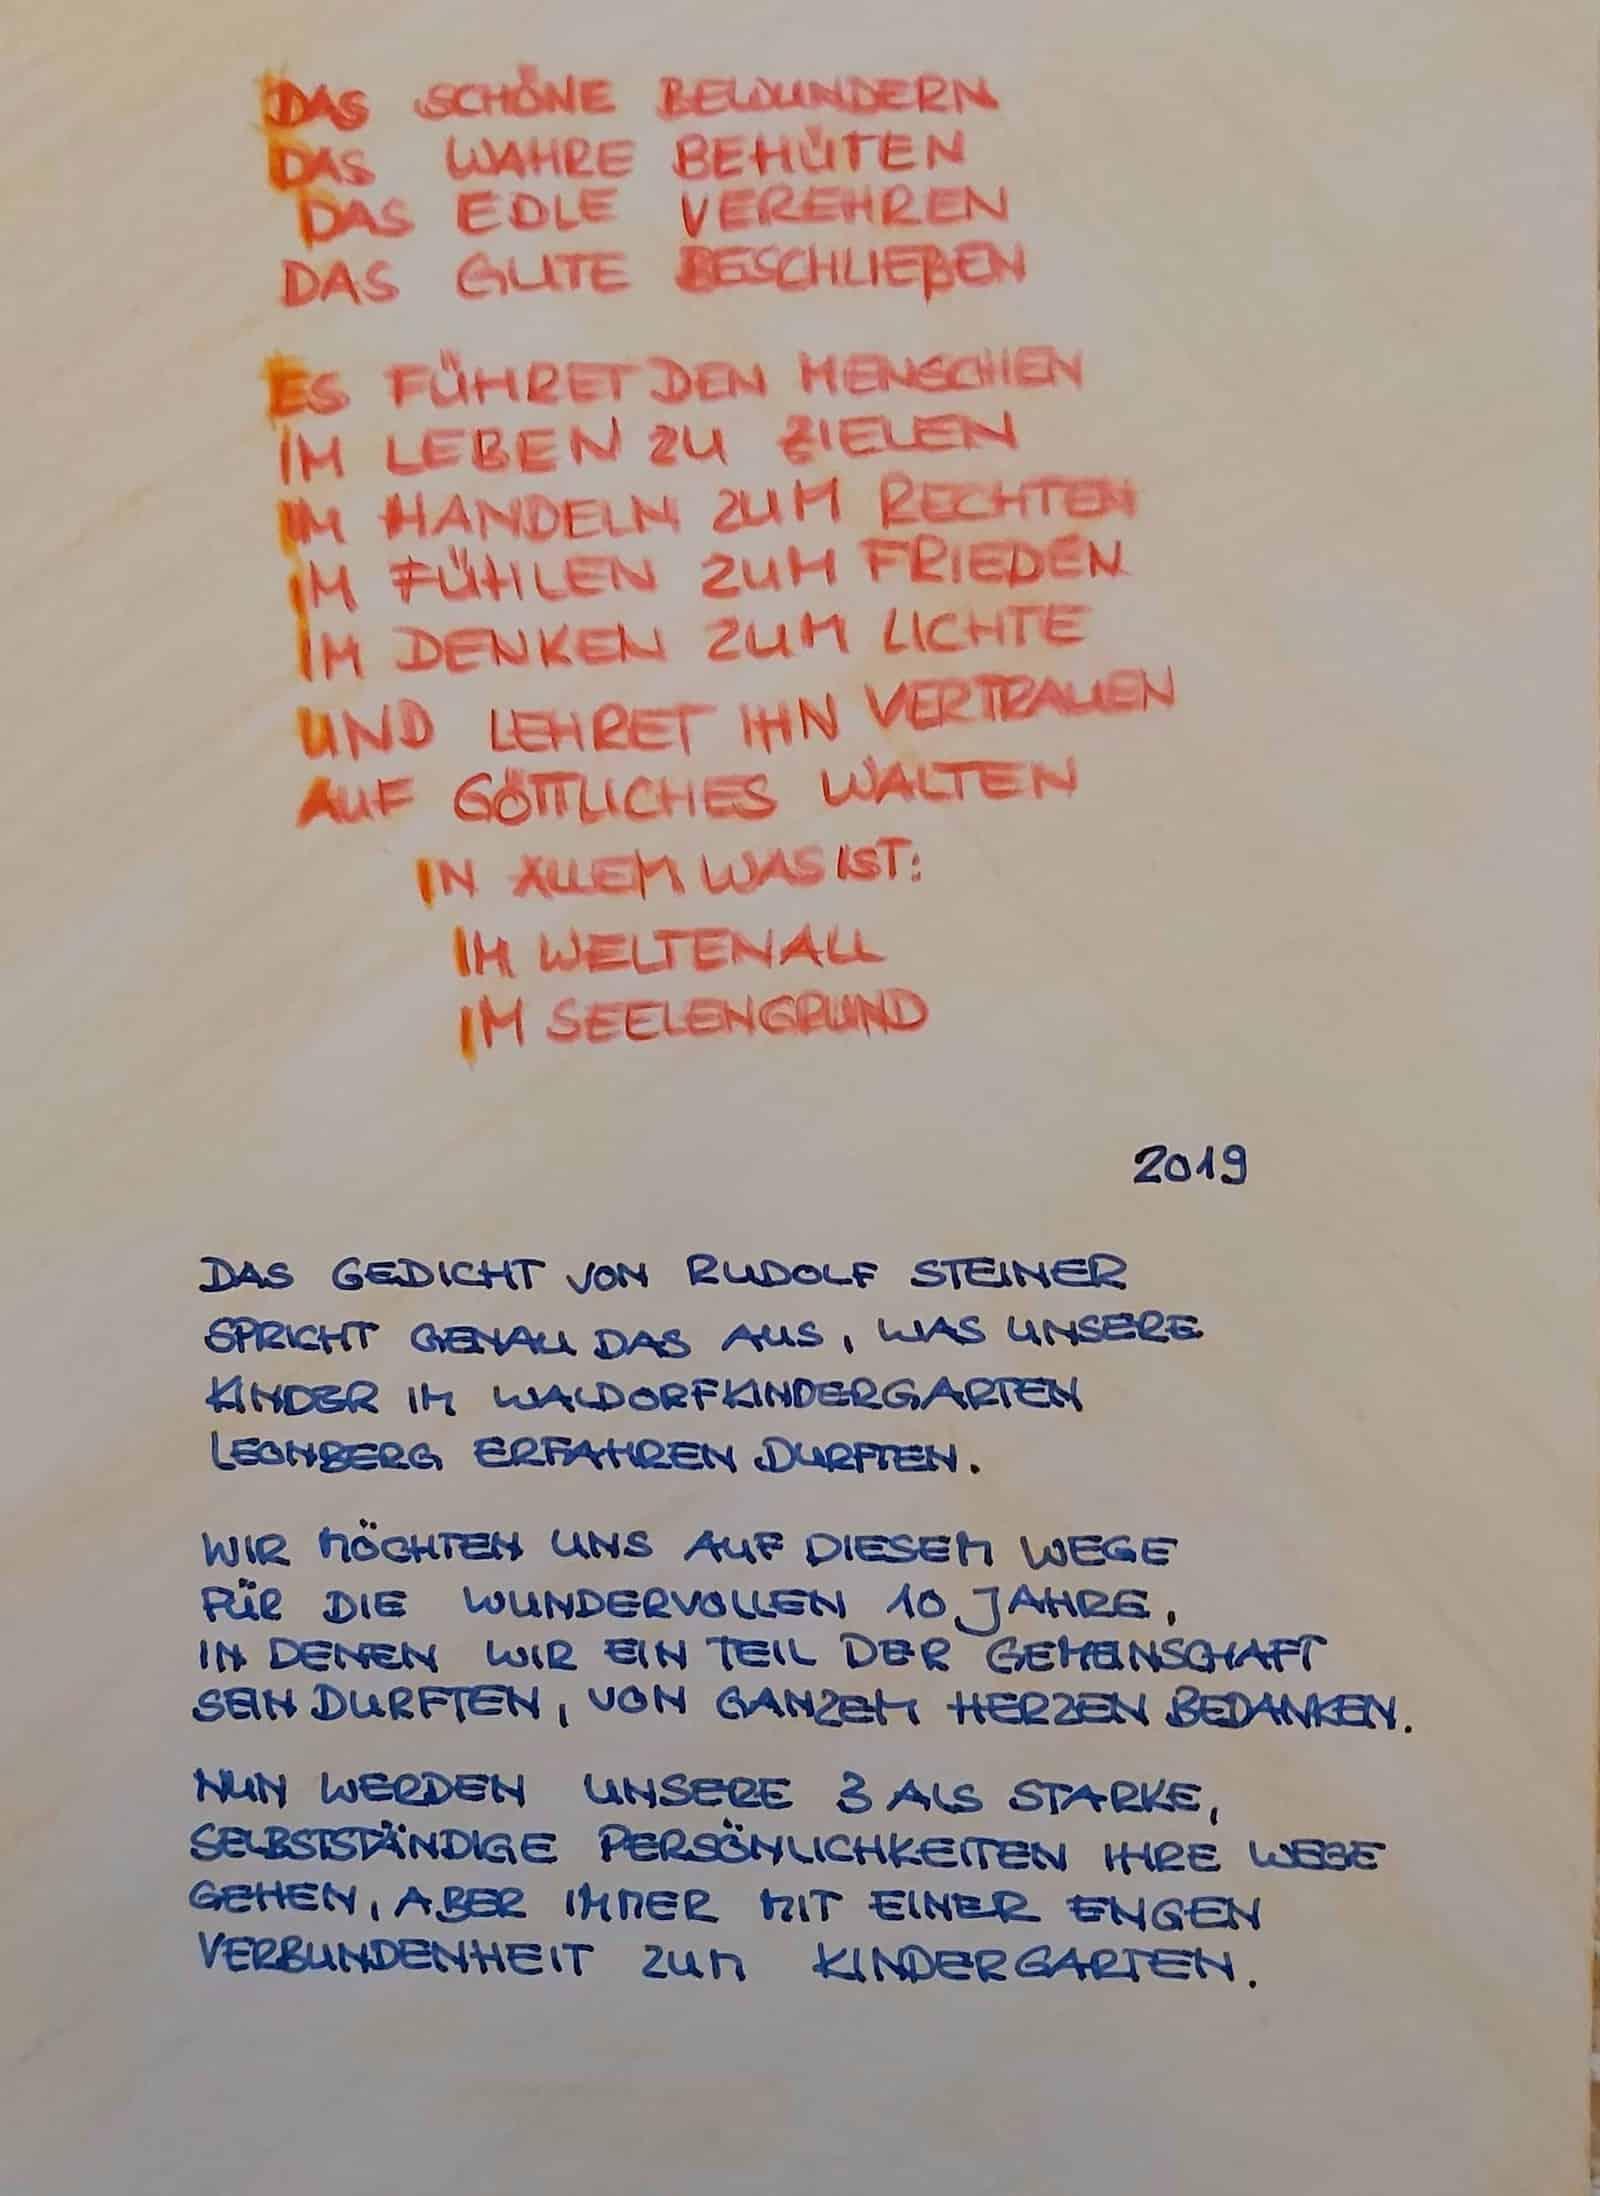 Abschied Grundschule Gedicht Lustig | Gedichte Zum Abschied mit Abschiedssprüche Für Lehrer Grundschule